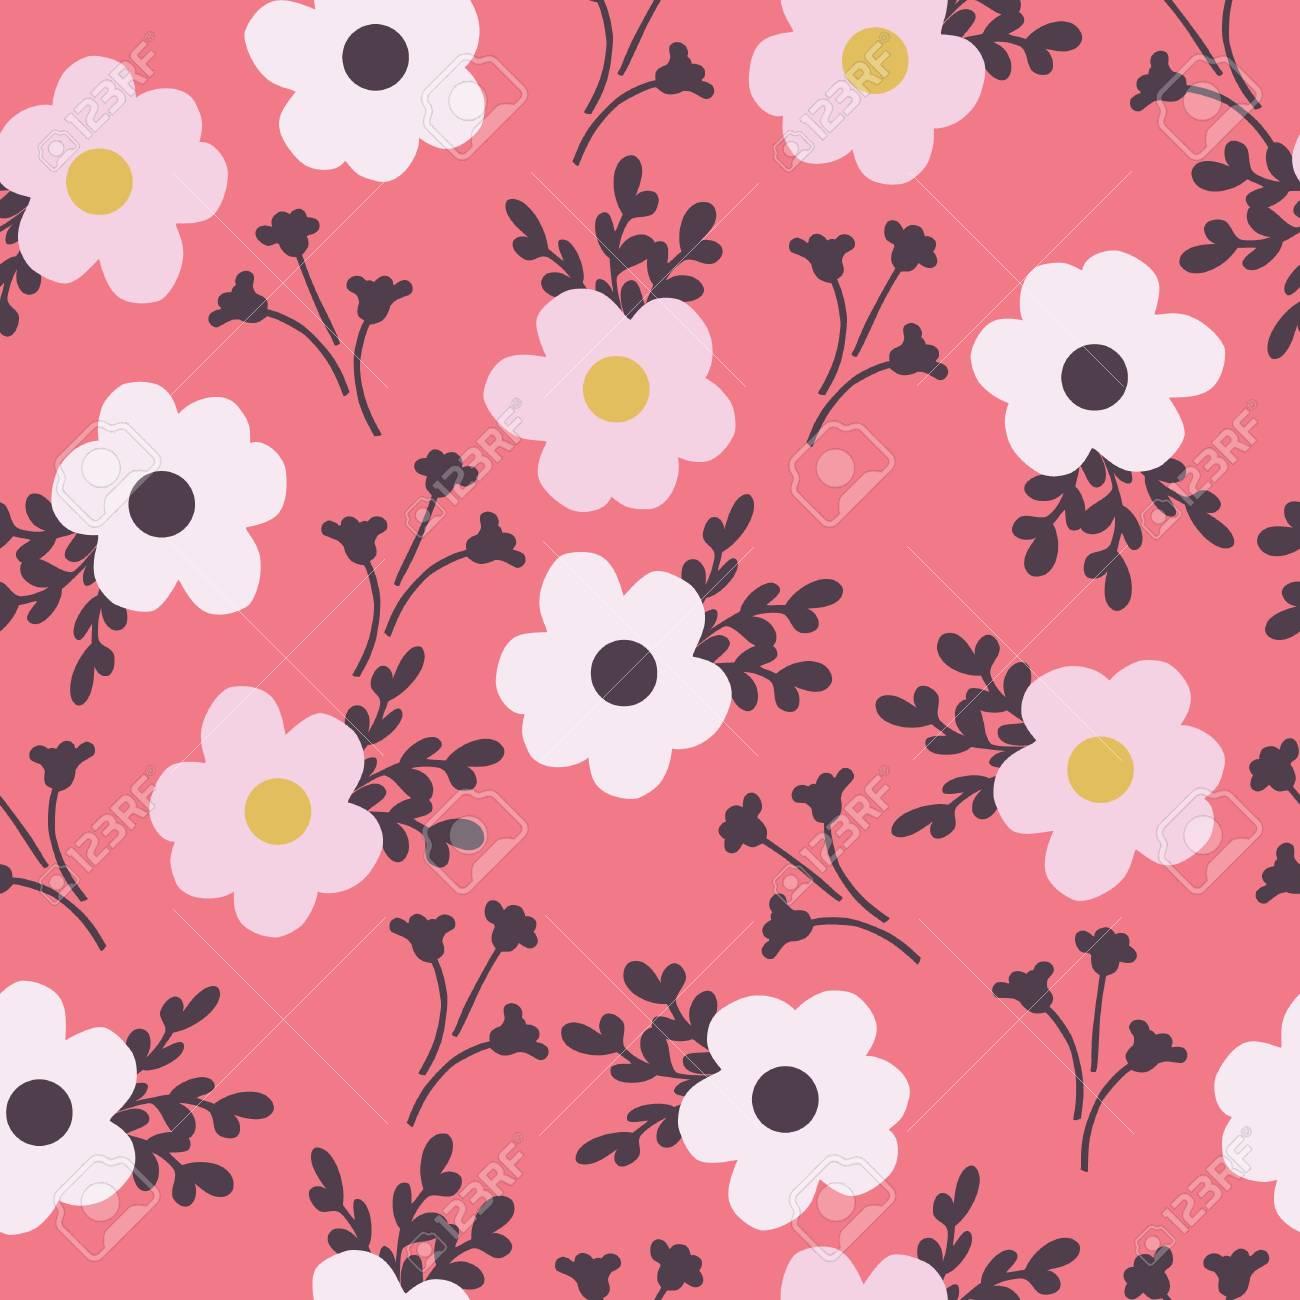 花背景、イラストのシームレス パターン ロイヤリティフリークリップ